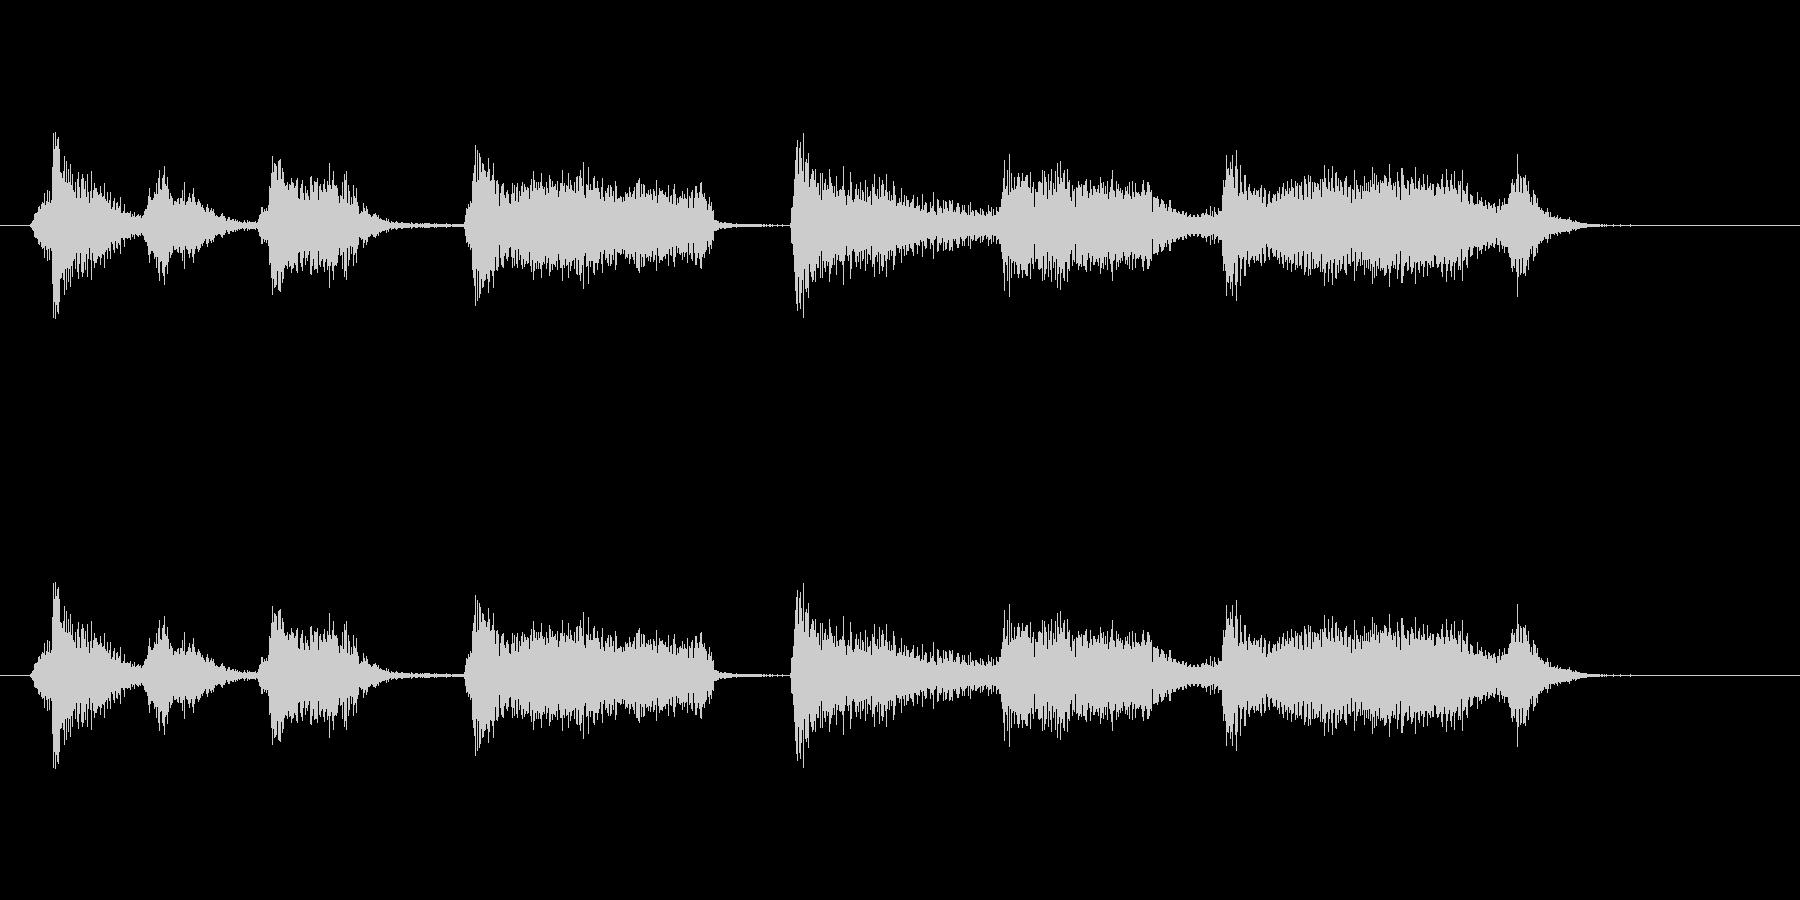 ボコーダー加工ボイスサンプルの未再生の波形